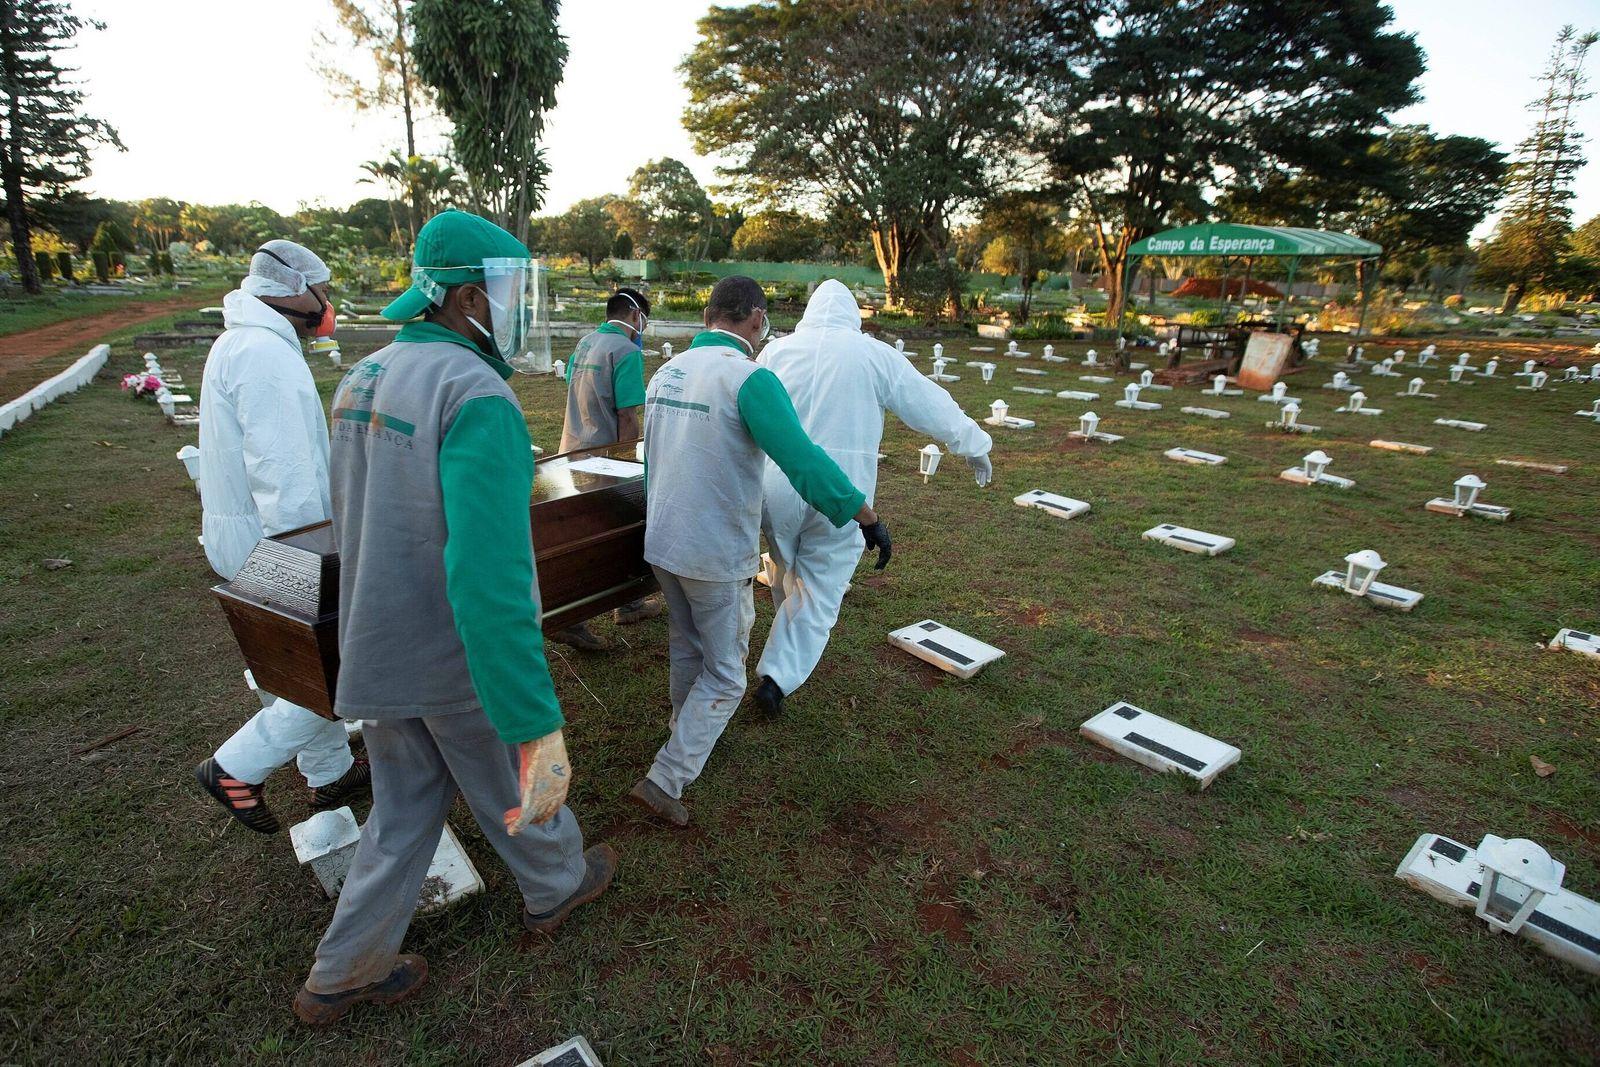 Campo de Esperanza cemetery workers bury a covid-19 victim, in Brasilia, Brazil, 21 May 2020. Brazil has already registe